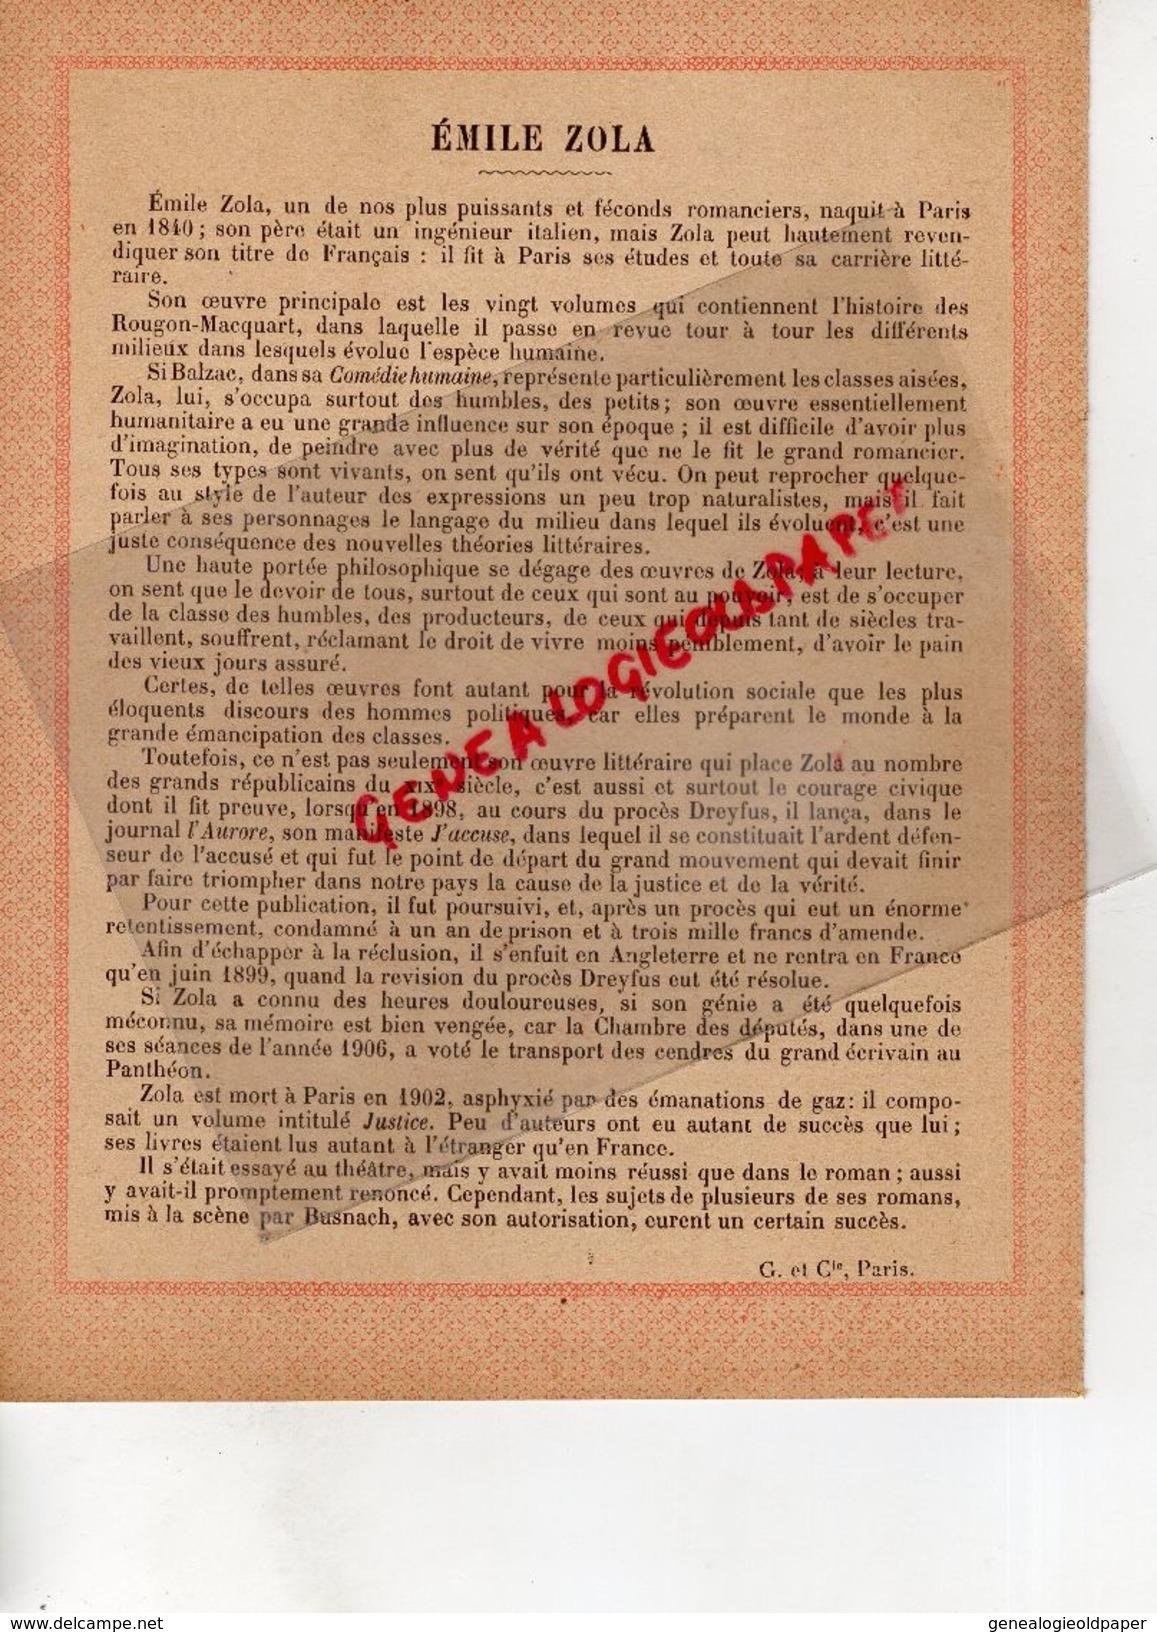 75-PARIS-PROTEGE CAHIER- IMPRIMERIE DUCOURTIEUX LIMOGES-GRANDS REPUBLICAINS XIX E SIECLE-EMILE ZOLA - Papel Secante